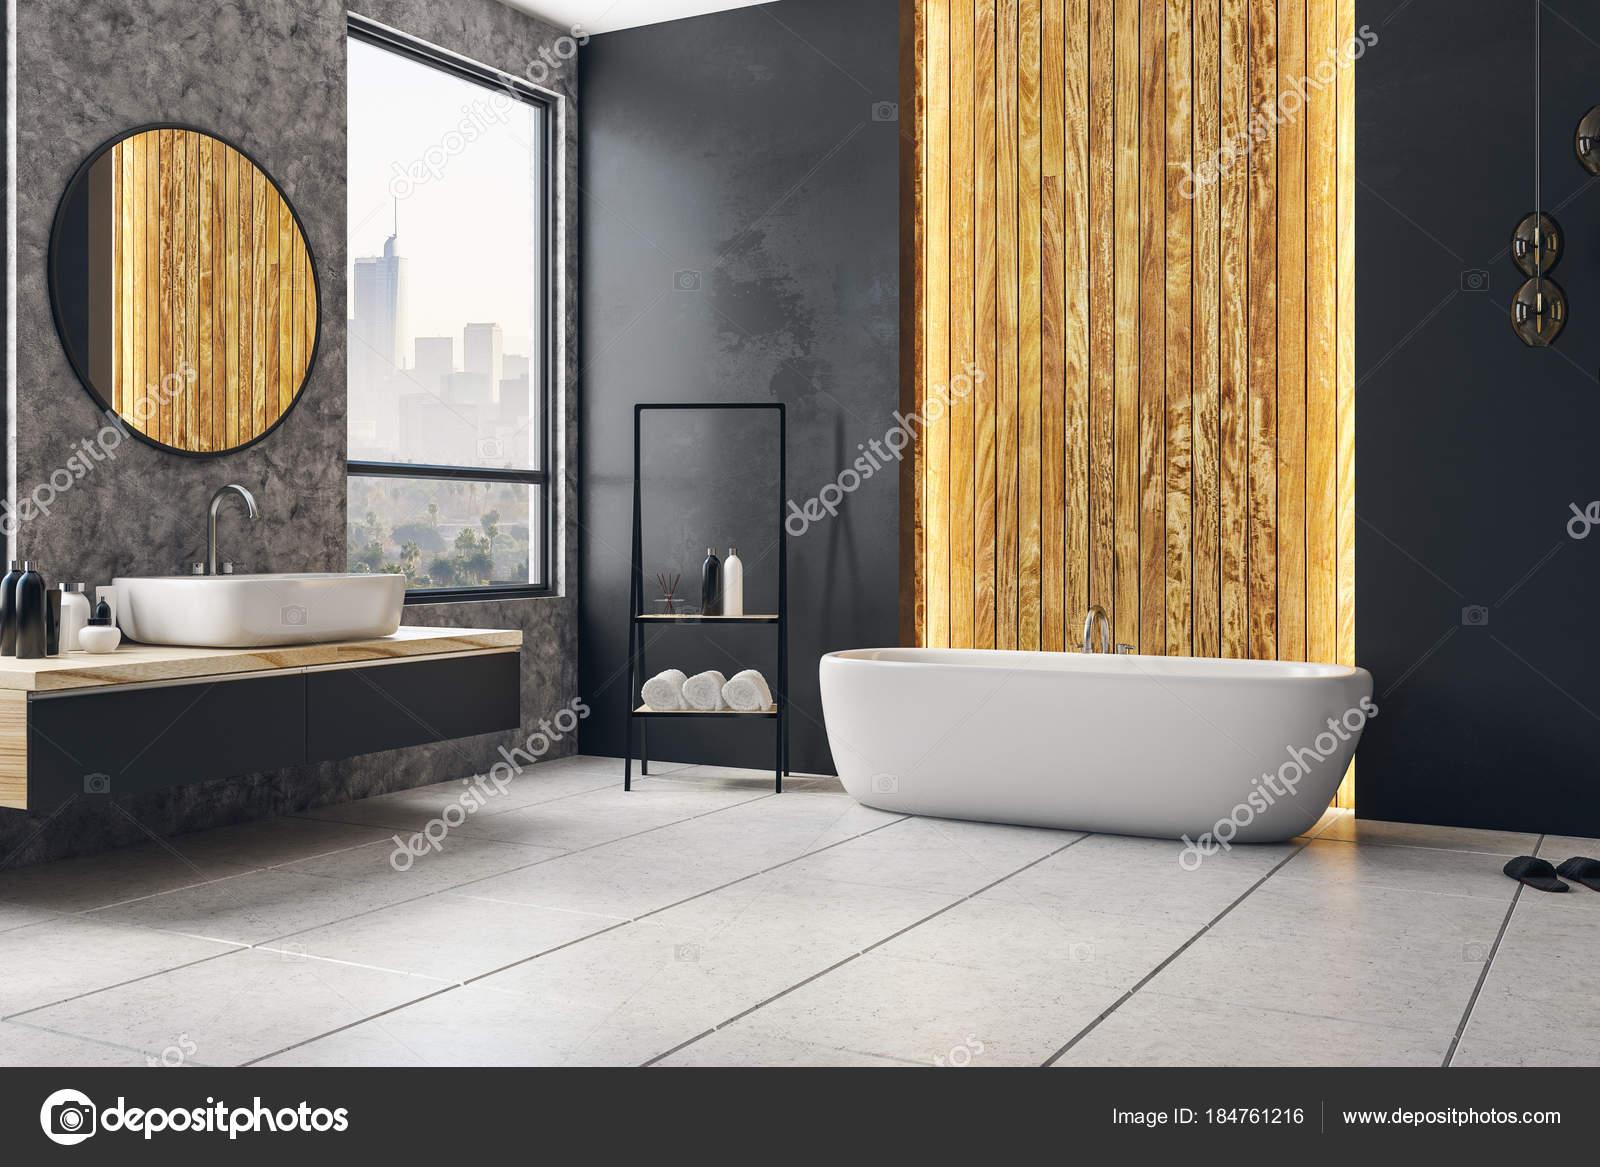 Bagno di colore scuro con manifesto in bianco u foto stock